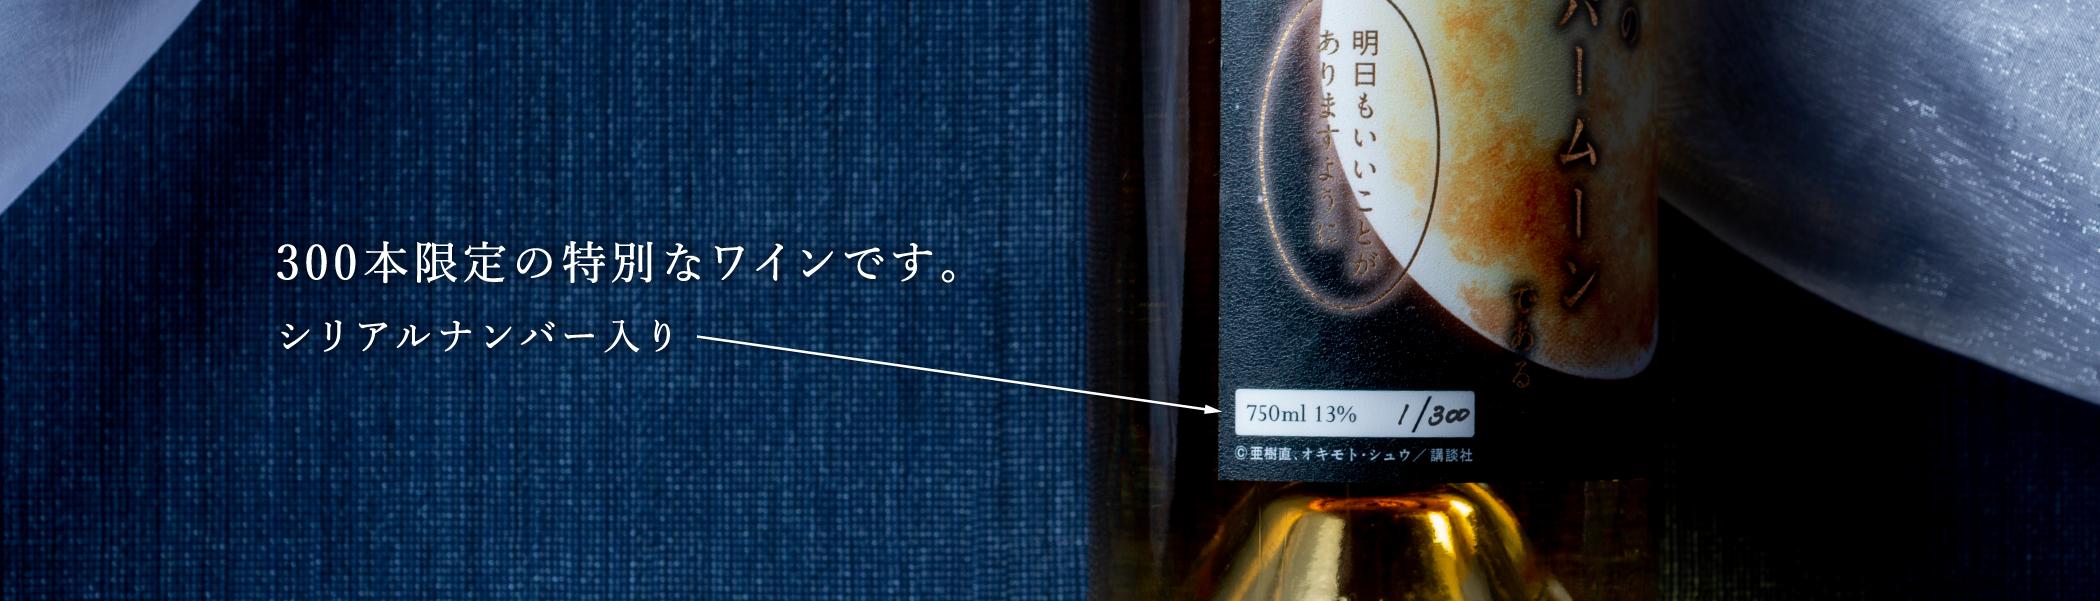 300本限定の特別なワインです。シリアルナンバー入り